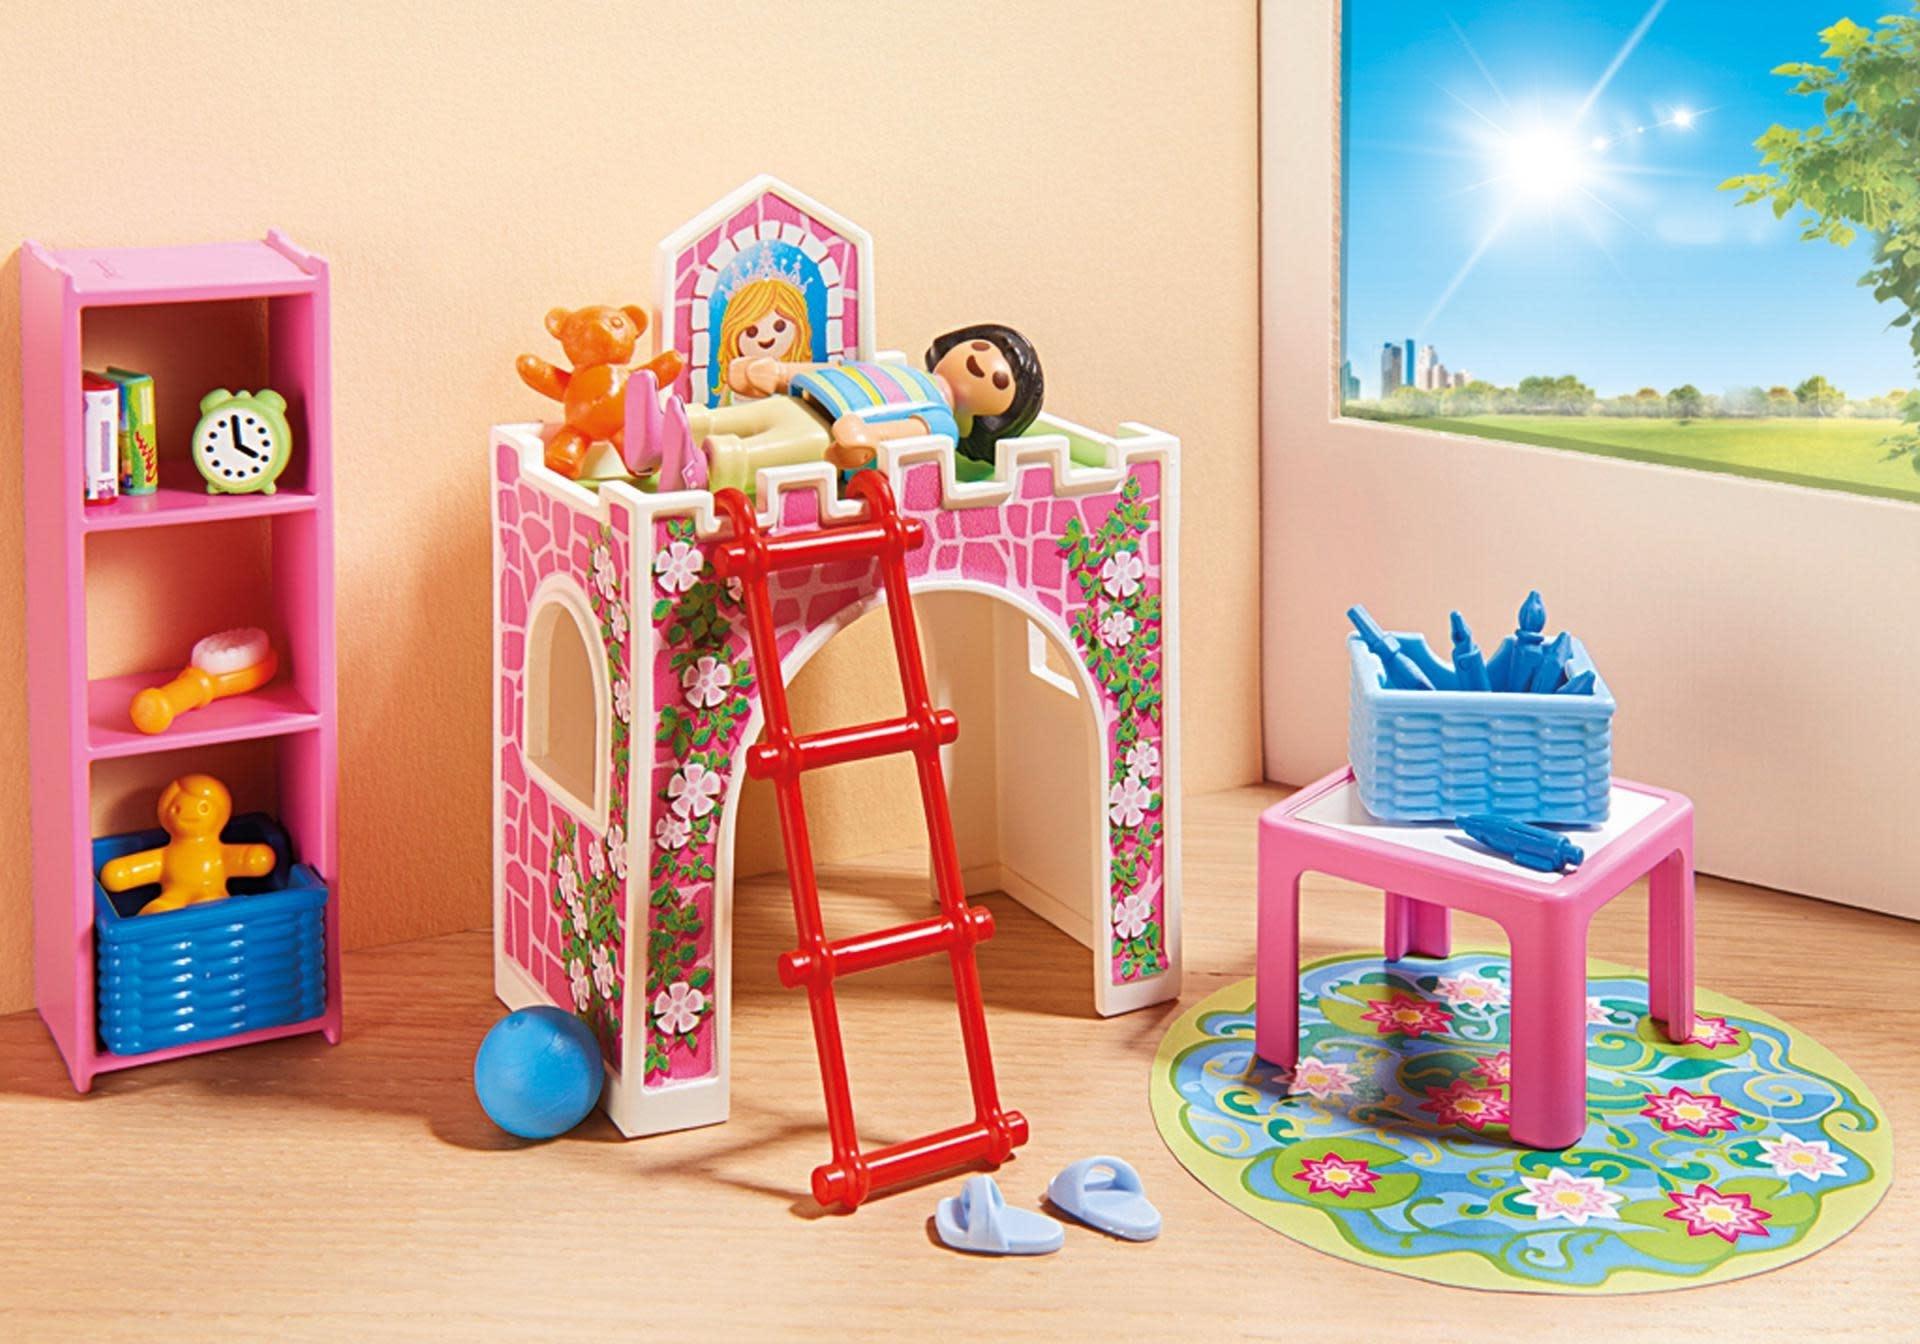 Maison moderne playmobil- bonne nuit pour les enfants qui dorment.